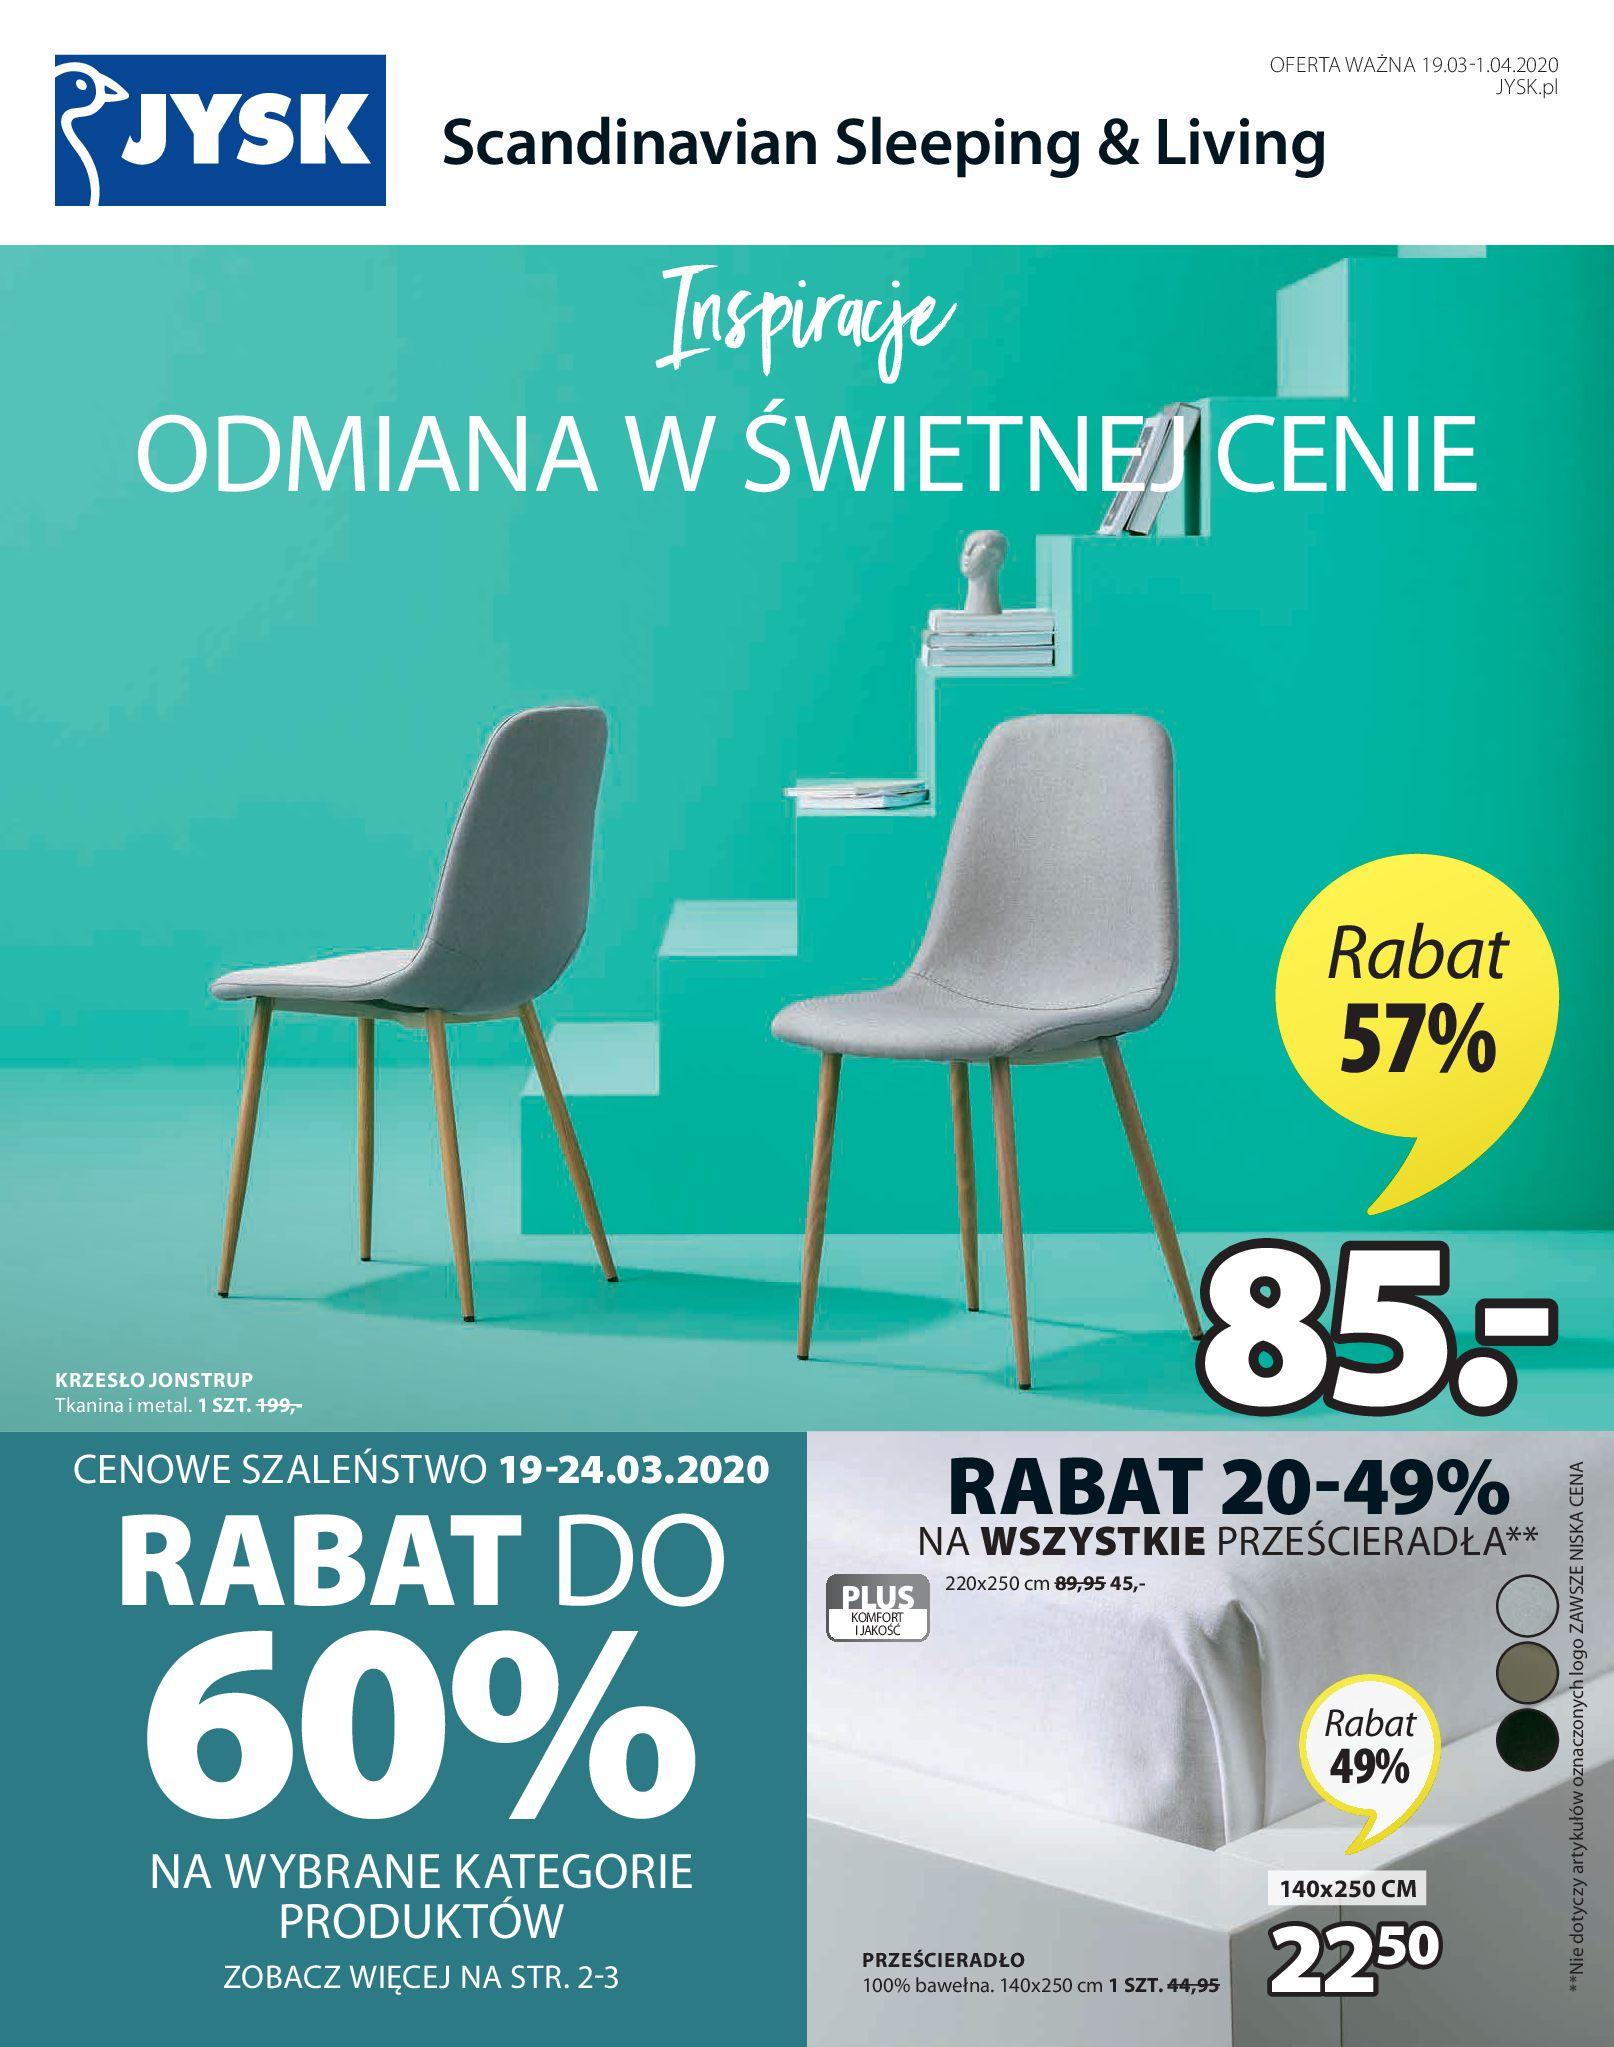 Gazetka Jysk - Oferta tygodnia-18.03.2020-01.04.2020-page-2